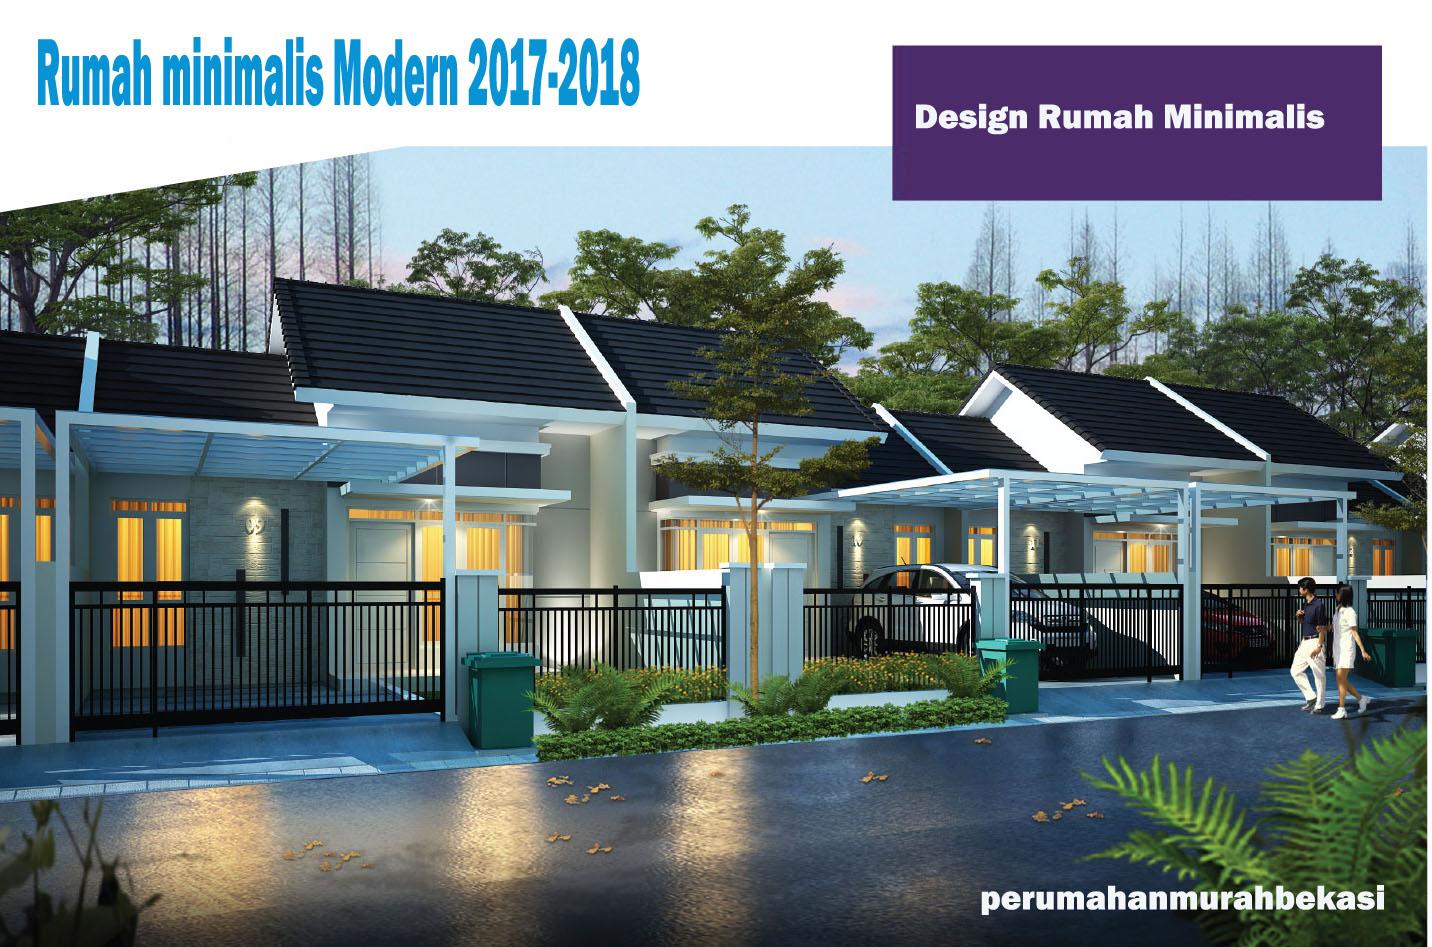 Design Rumah Minimalis Modern Terbaik 2017 2018 Inspirasi Rumah